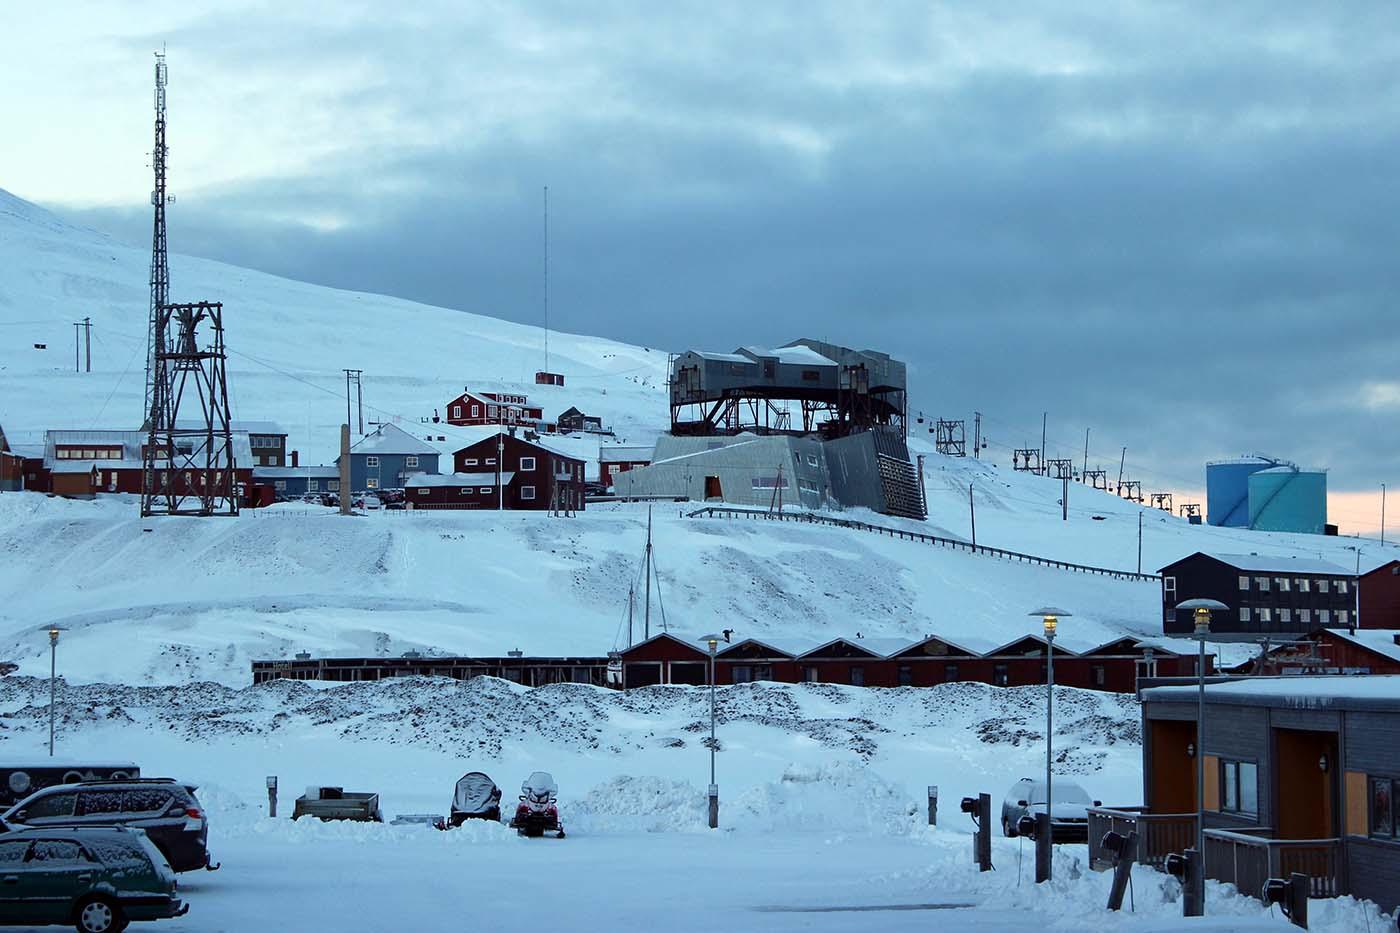 Spitzbergen Urlaub in der Arktis – Lage, Wissenswertes, Fauna und Flora